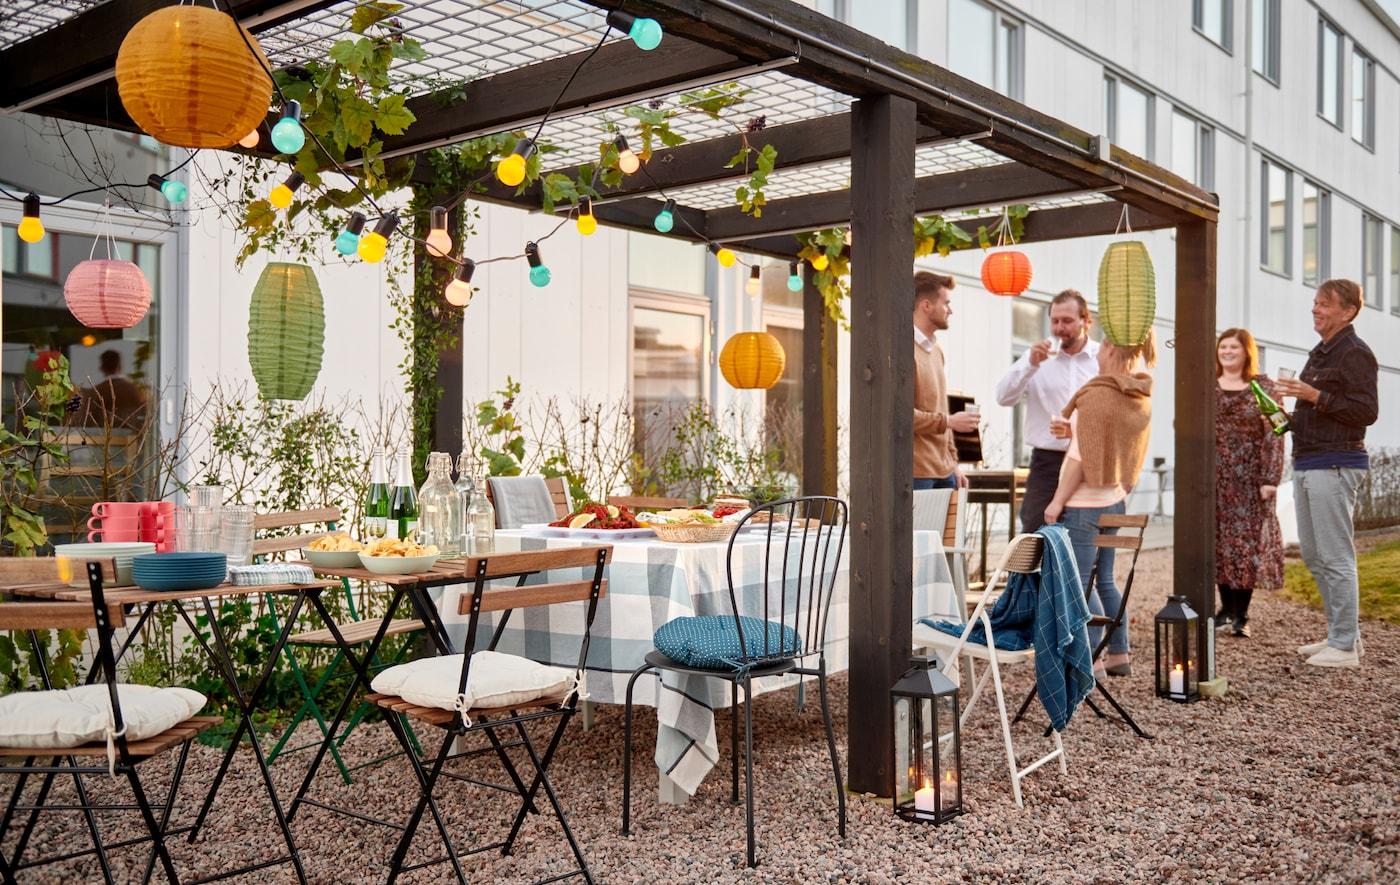 Grupa ljudi stoji ispred reda stolica i malih stolova, nameštenih za žurku, ispod ukrašene vinove loze u dvorištu.